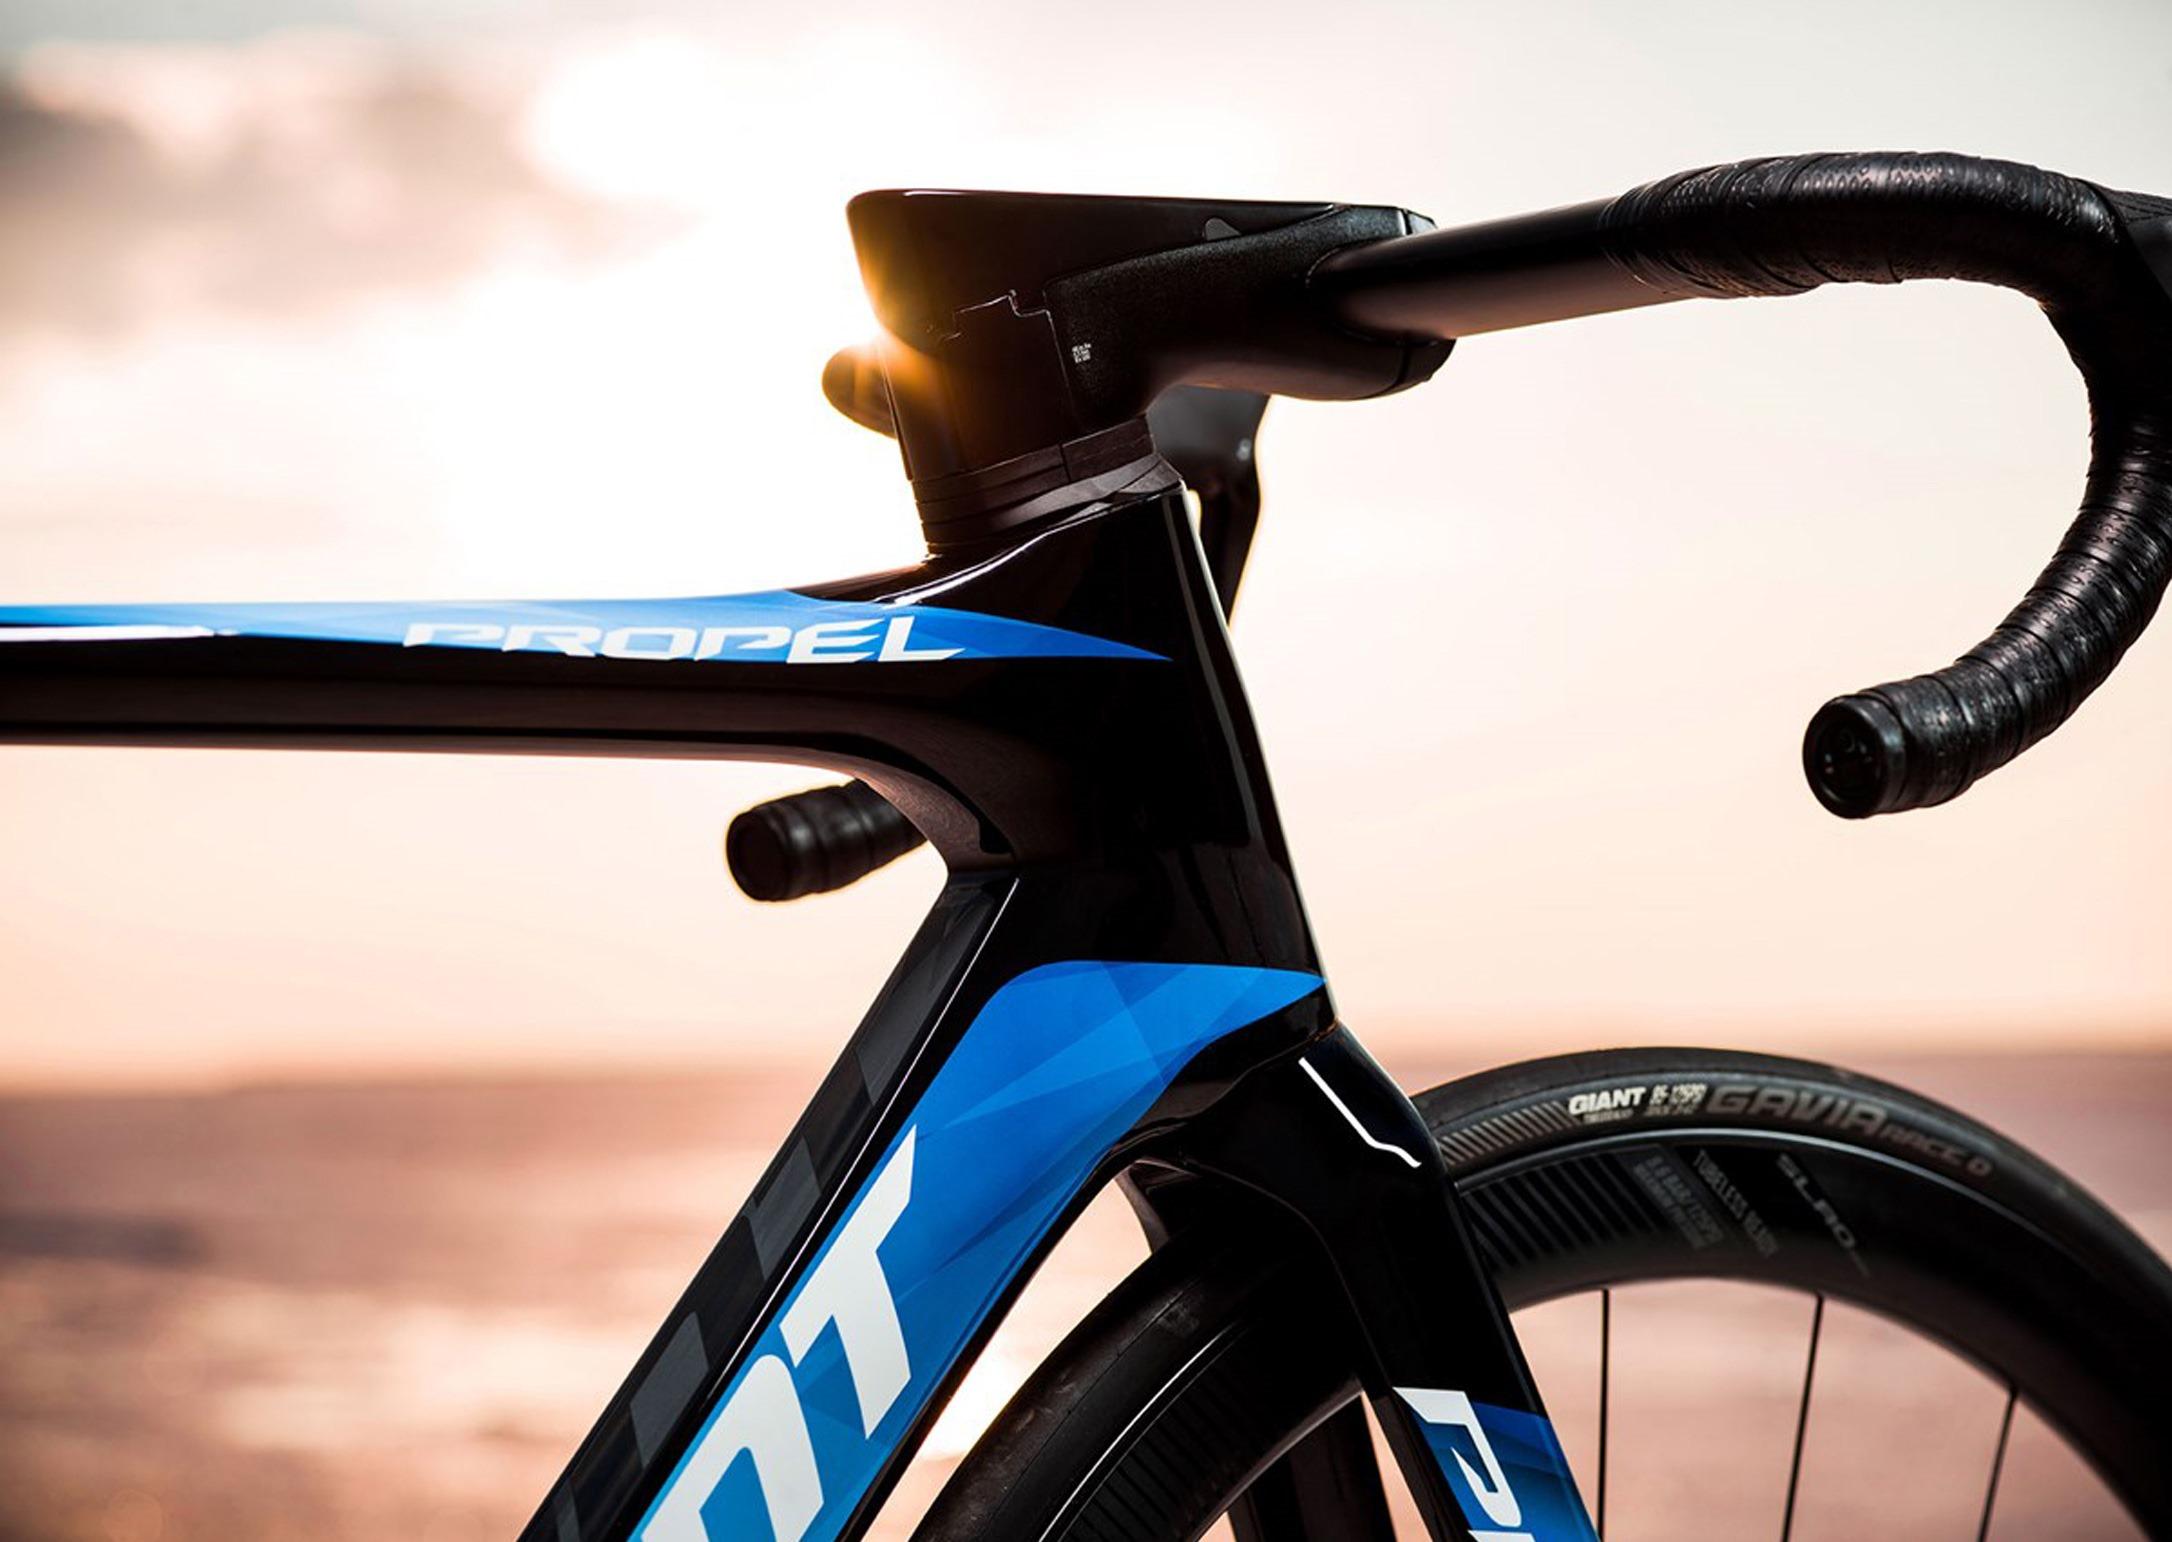 giant-road-bike-aero-road-bike-carbon